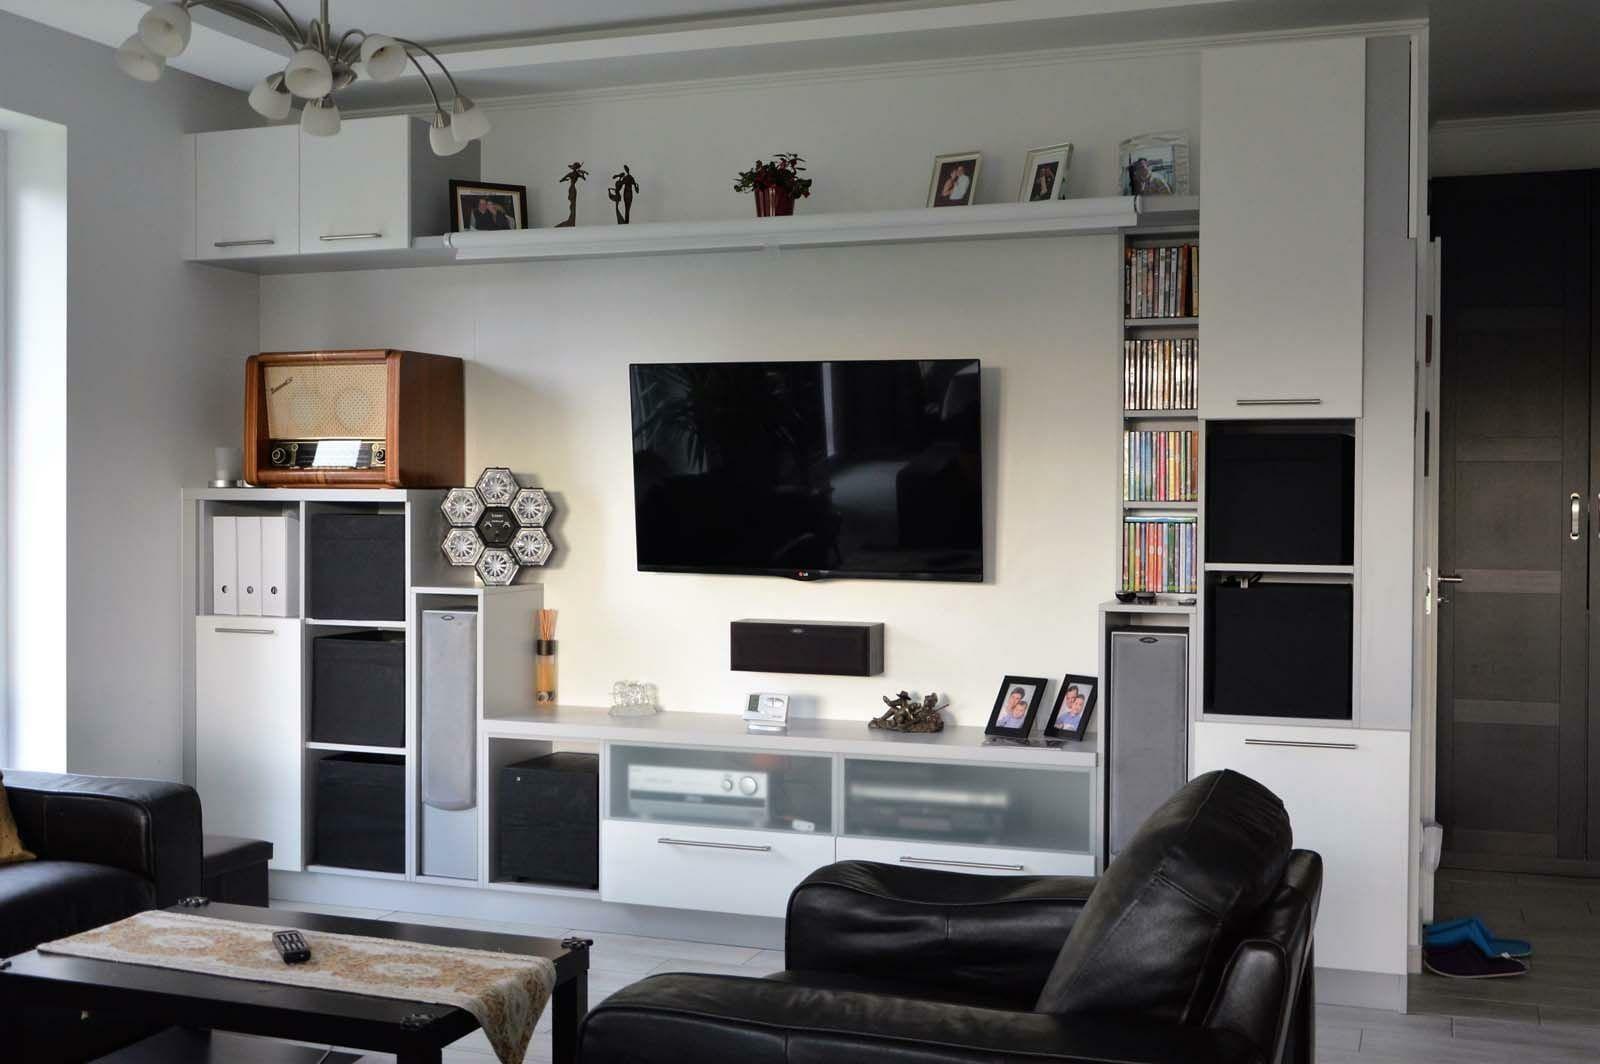 Egyedi nappali bútor készítés nyitott polcokkal, tv tartó konzollal, rejtett LED világítással egyedi tervek alapján